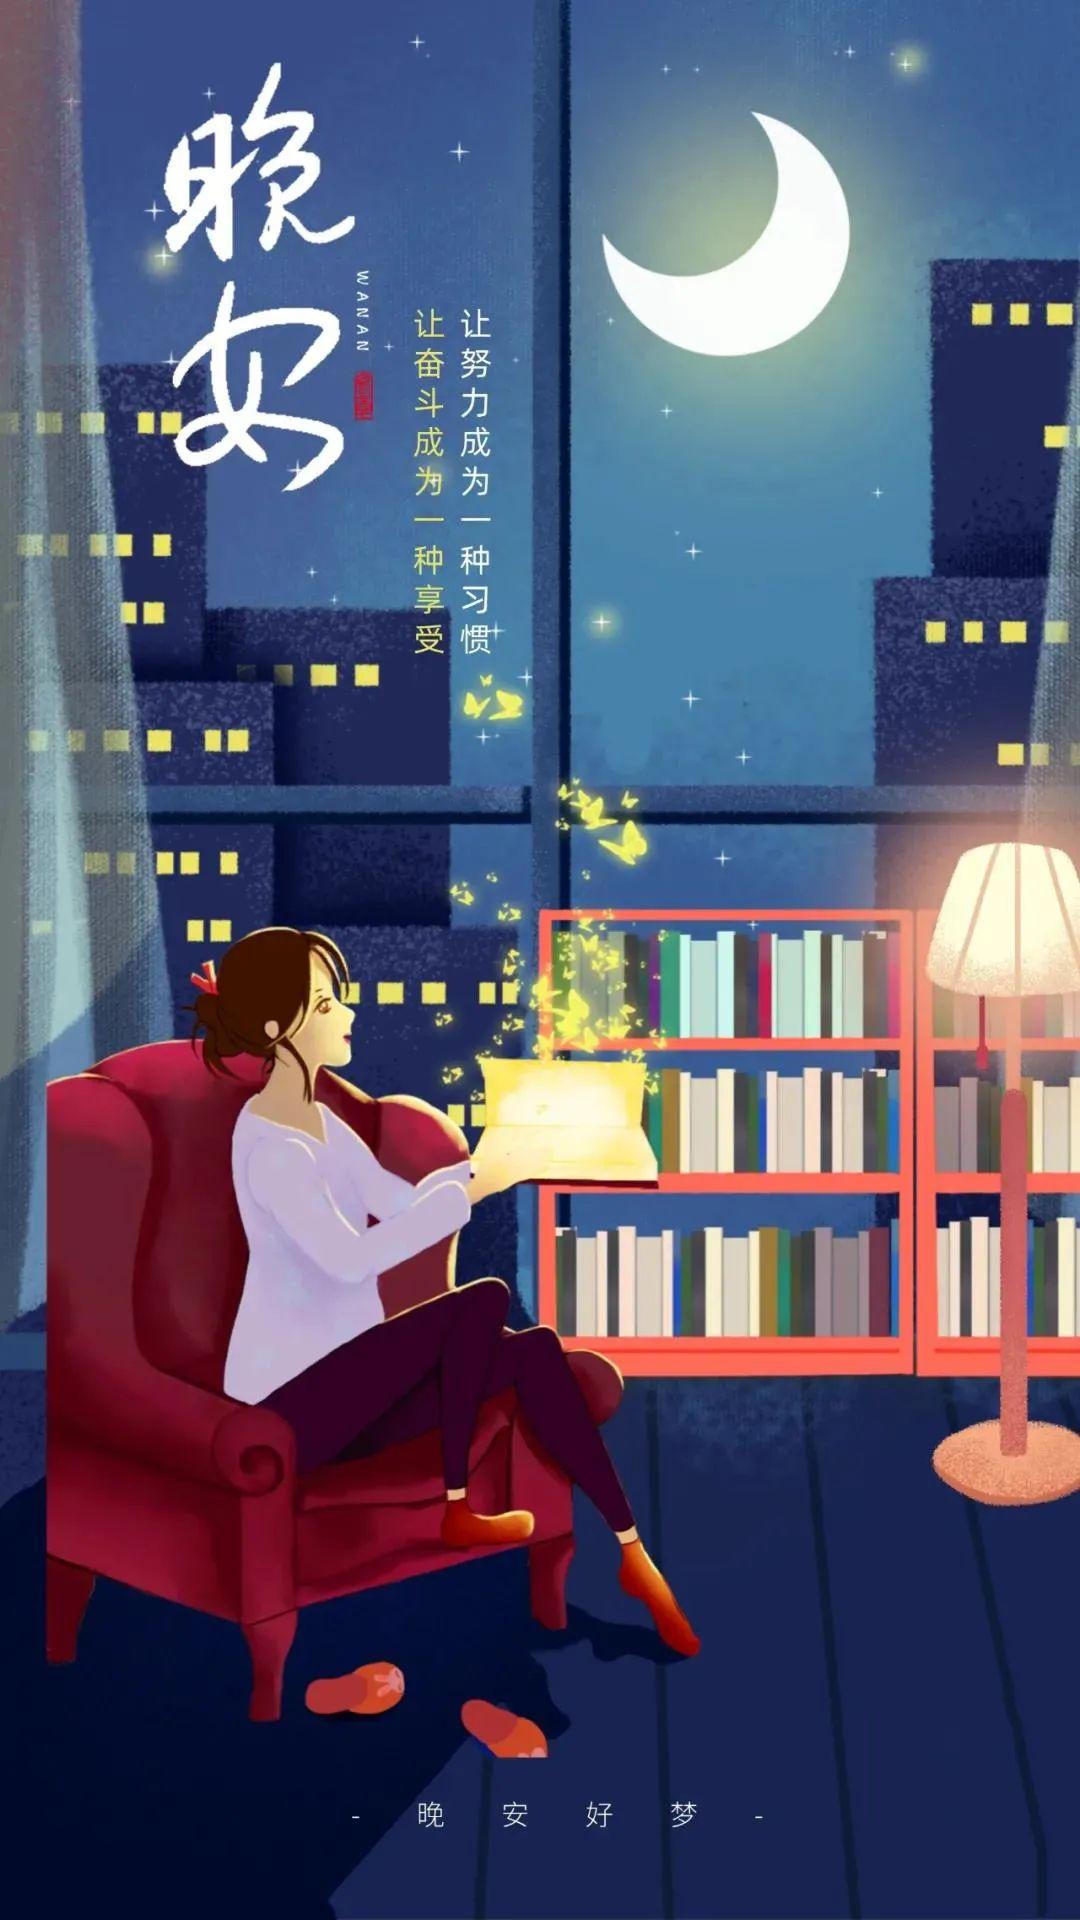 晚安心语治愈语句:见面的意义,是宣泄积压在心里的爱意